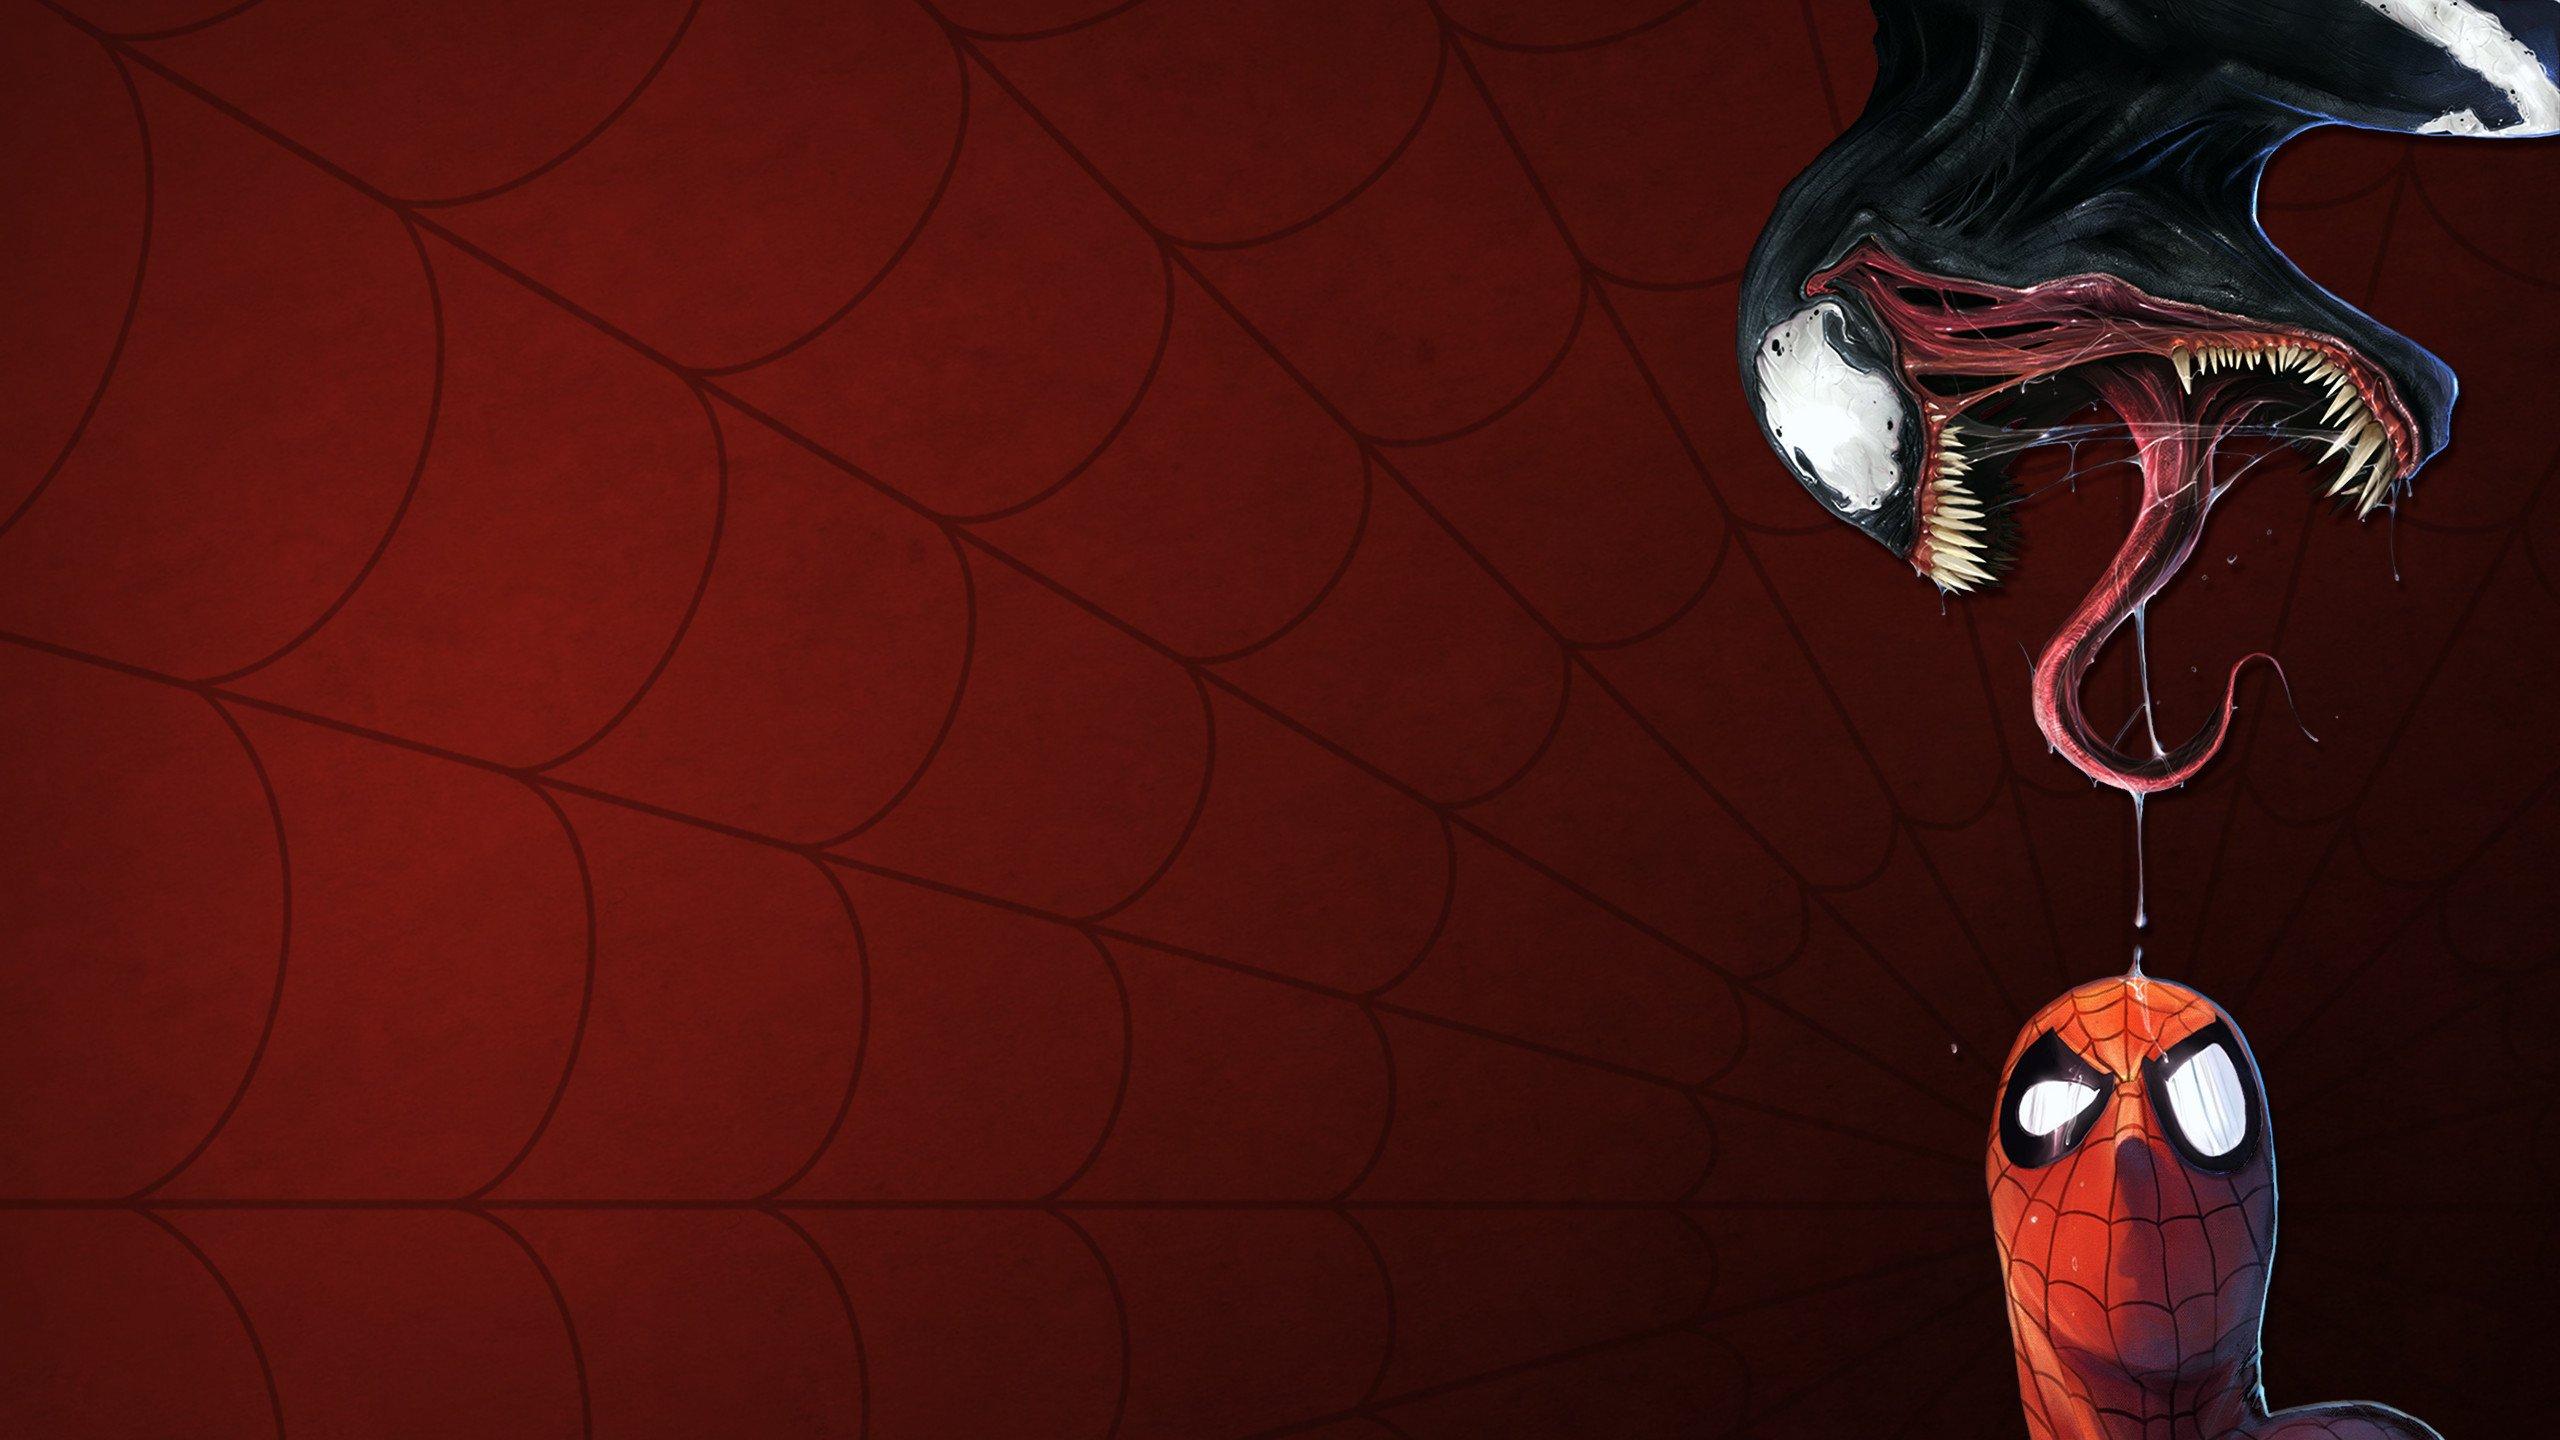 Spider Man Vs Venom Hd Wallpaper